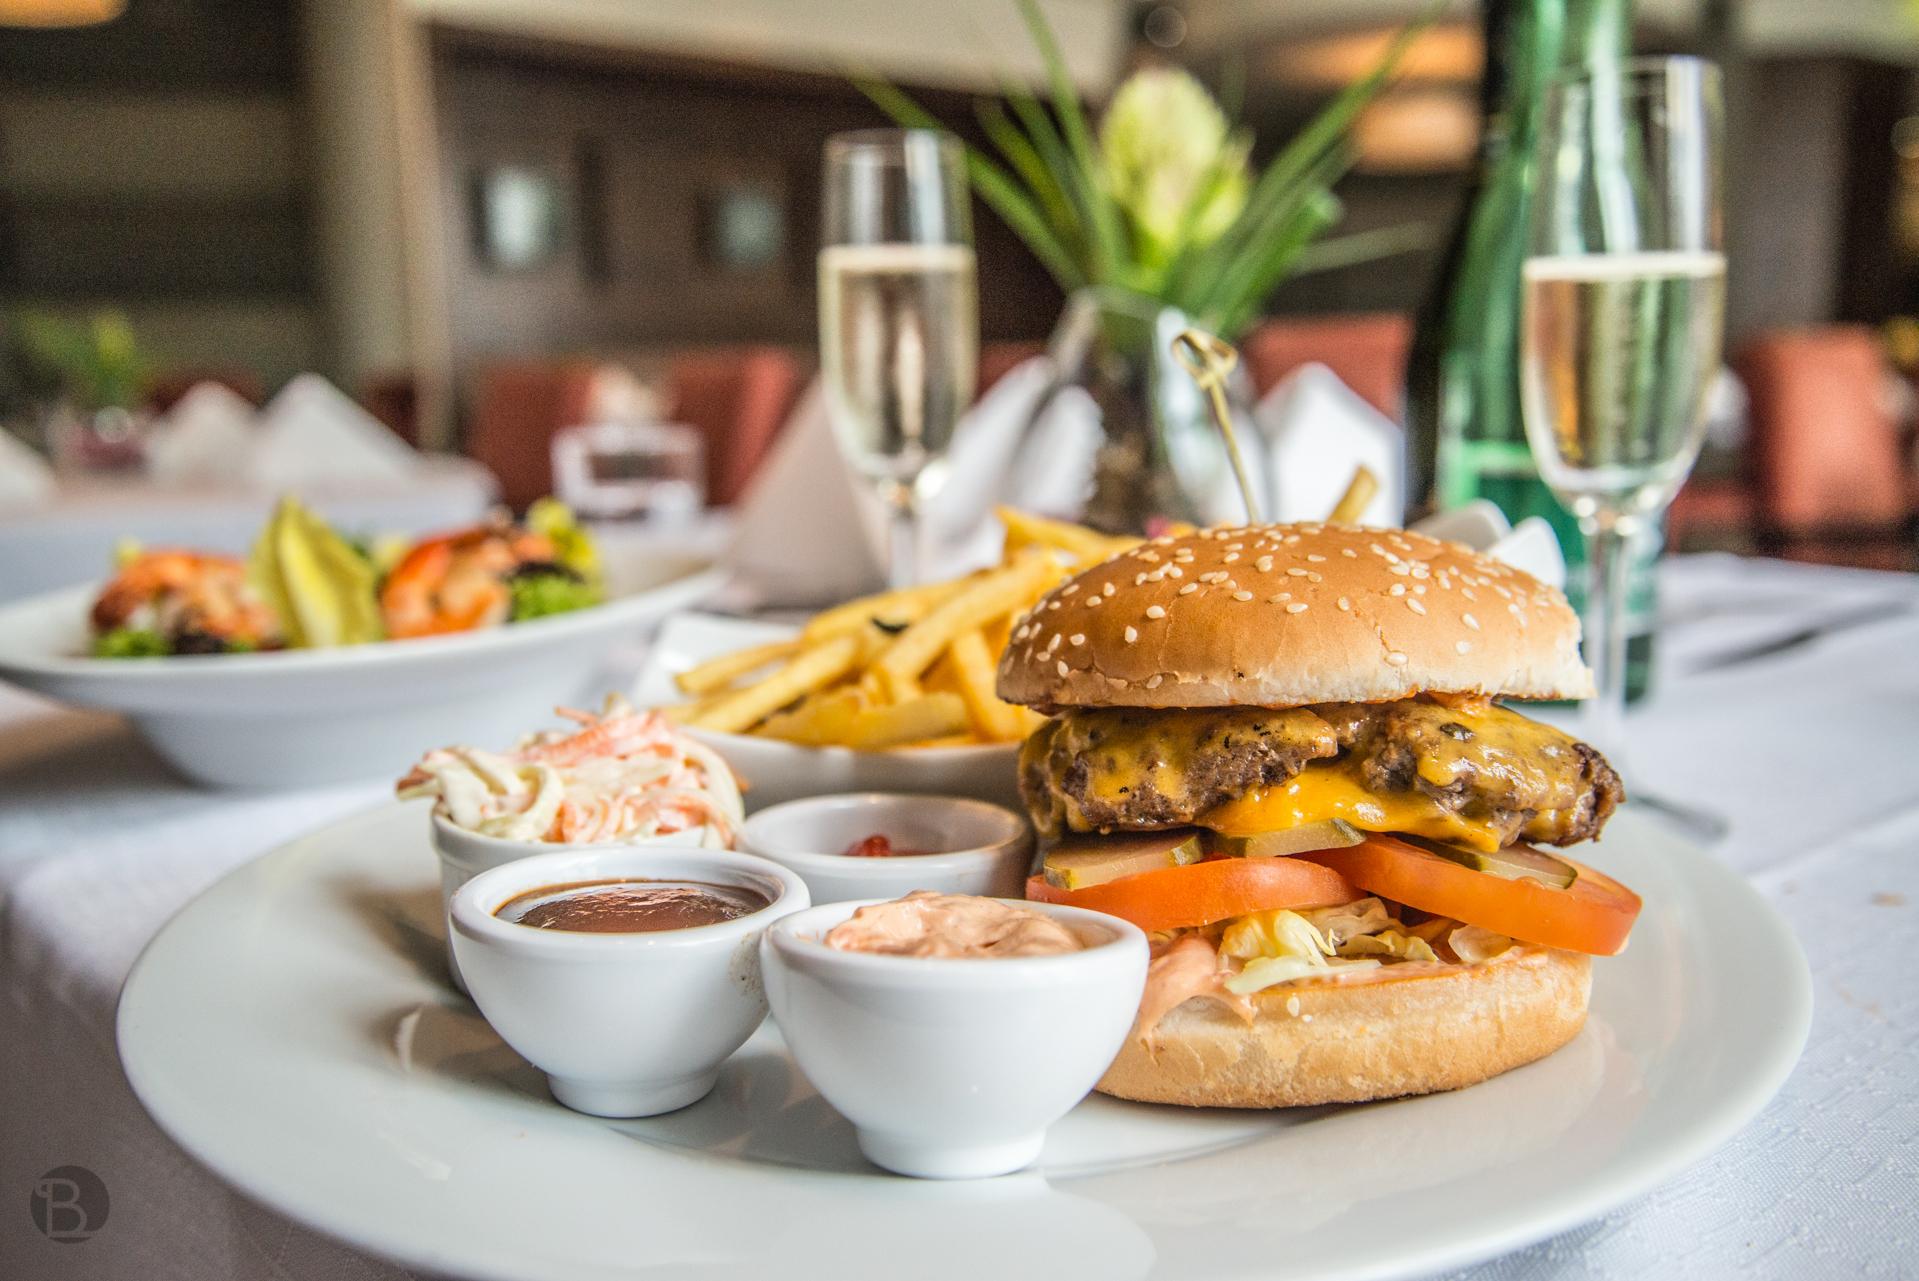 Ku všetkým sendvičom a burgerom je podávaná obrovská porcia hranoliek.